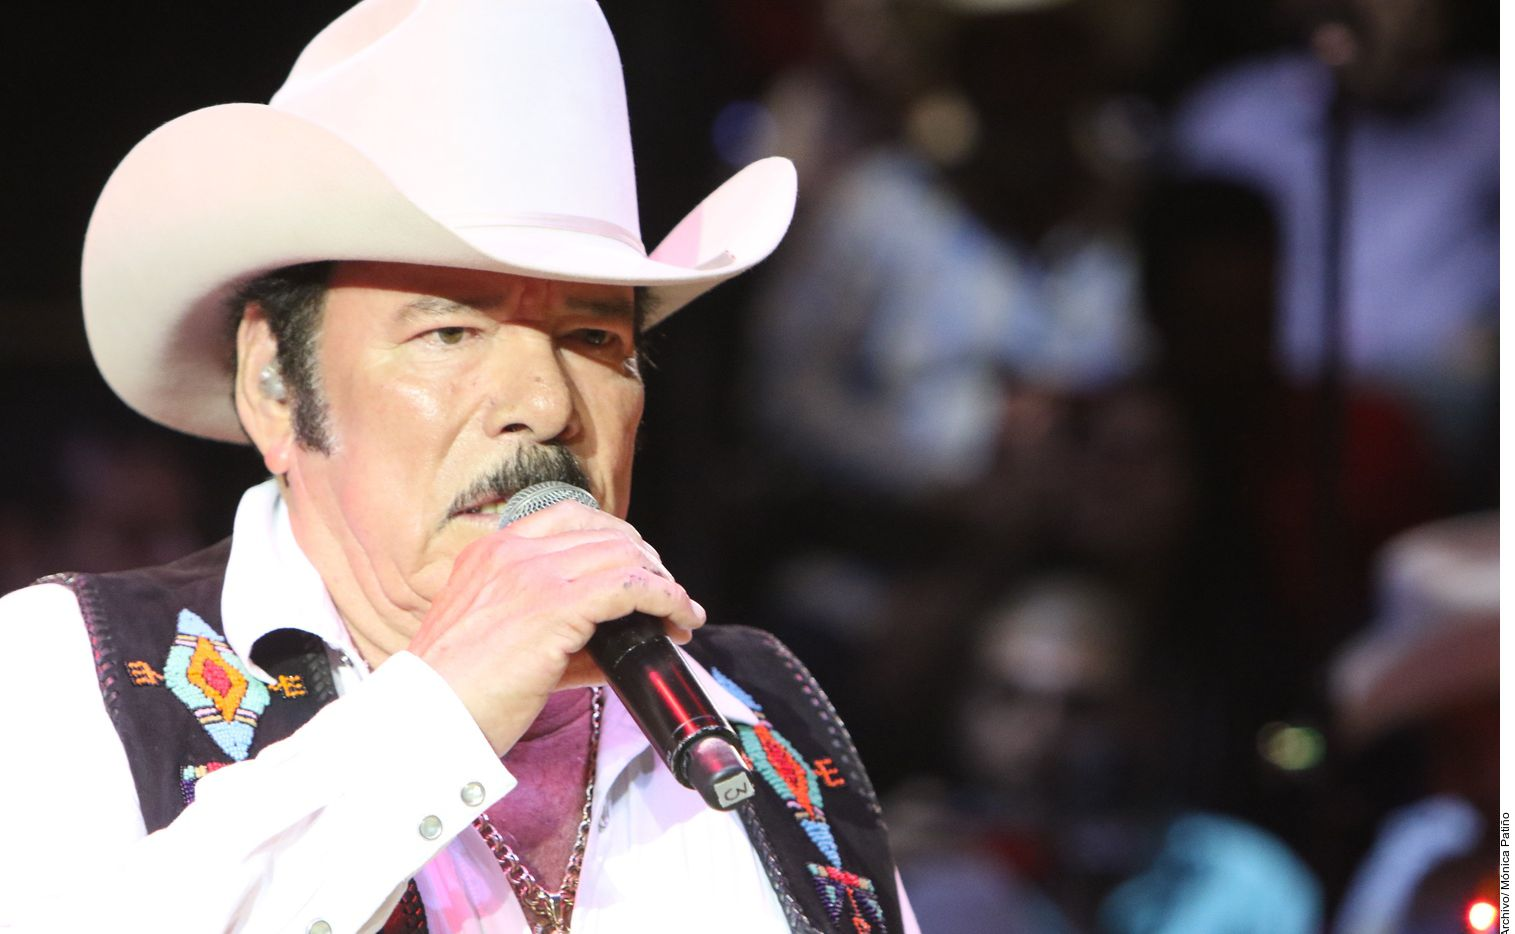 El hijo del cantante Lalo Mora (foto), Lalo Mora Jr., a través de la página oficial del grupo Los Herederos de Nuevo León, dio a conocer la noticia del ingreso al hospital de su padre a consecuencia del Covid-19, poco después de la 1:00 horas.